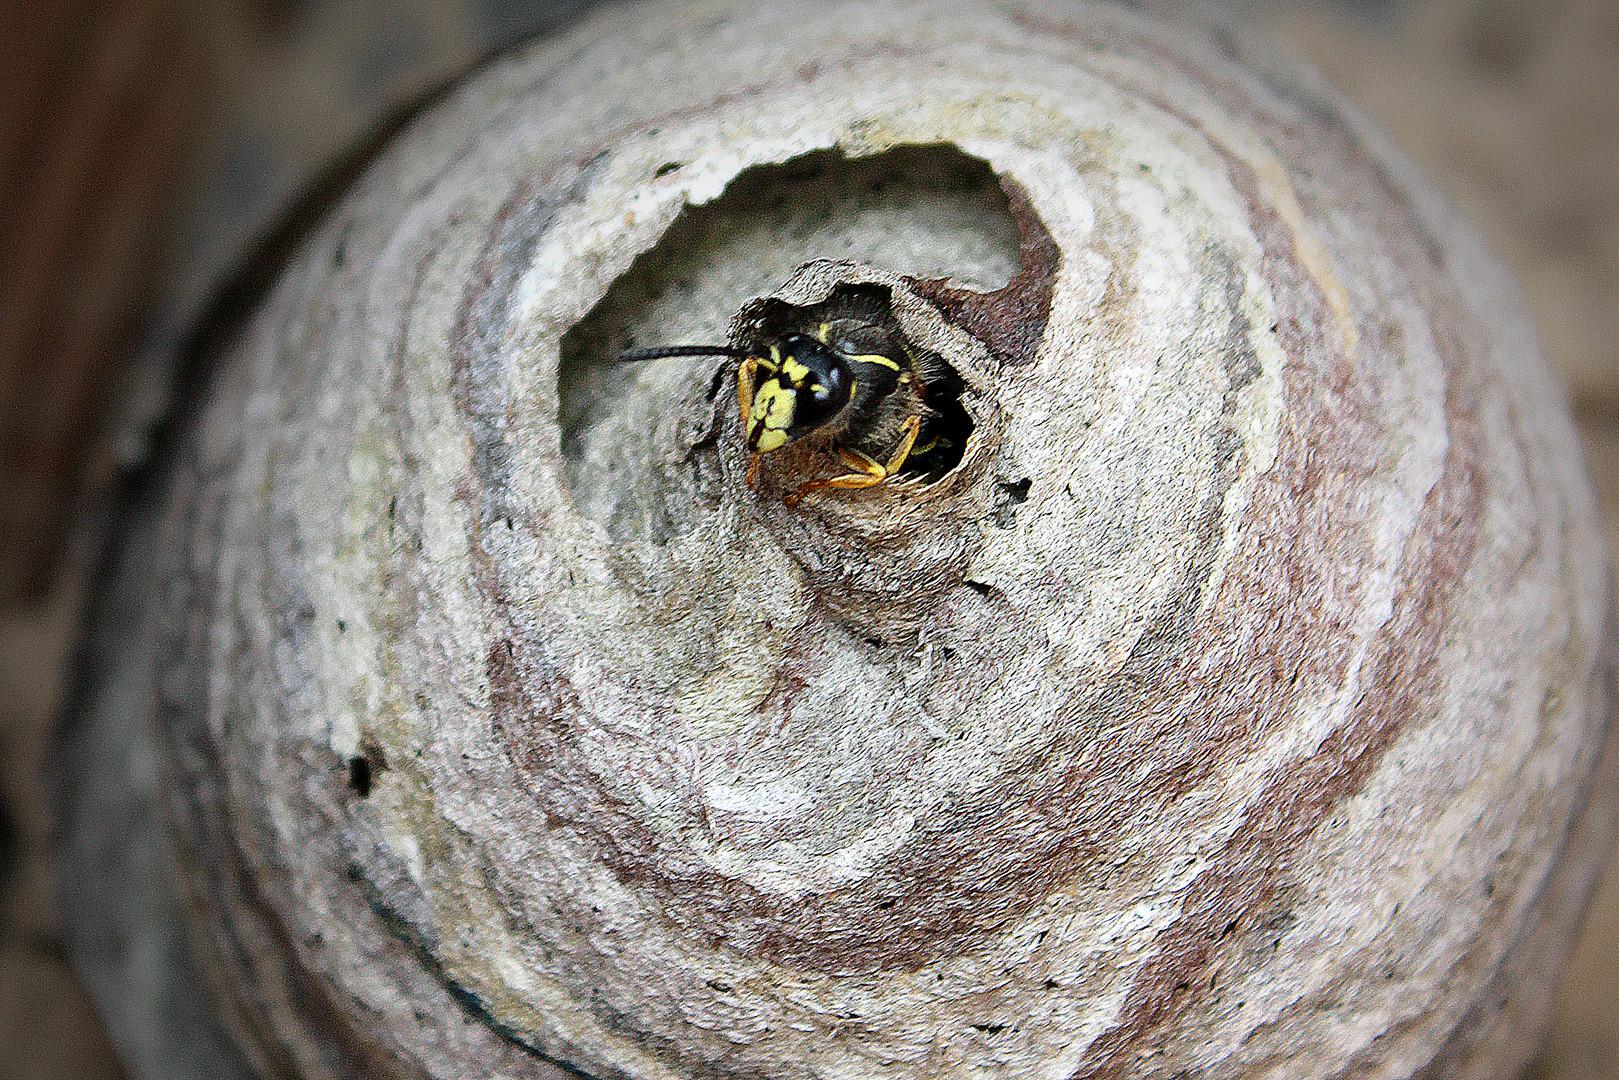 HILFE - ein Wespennest in meinem Garten!